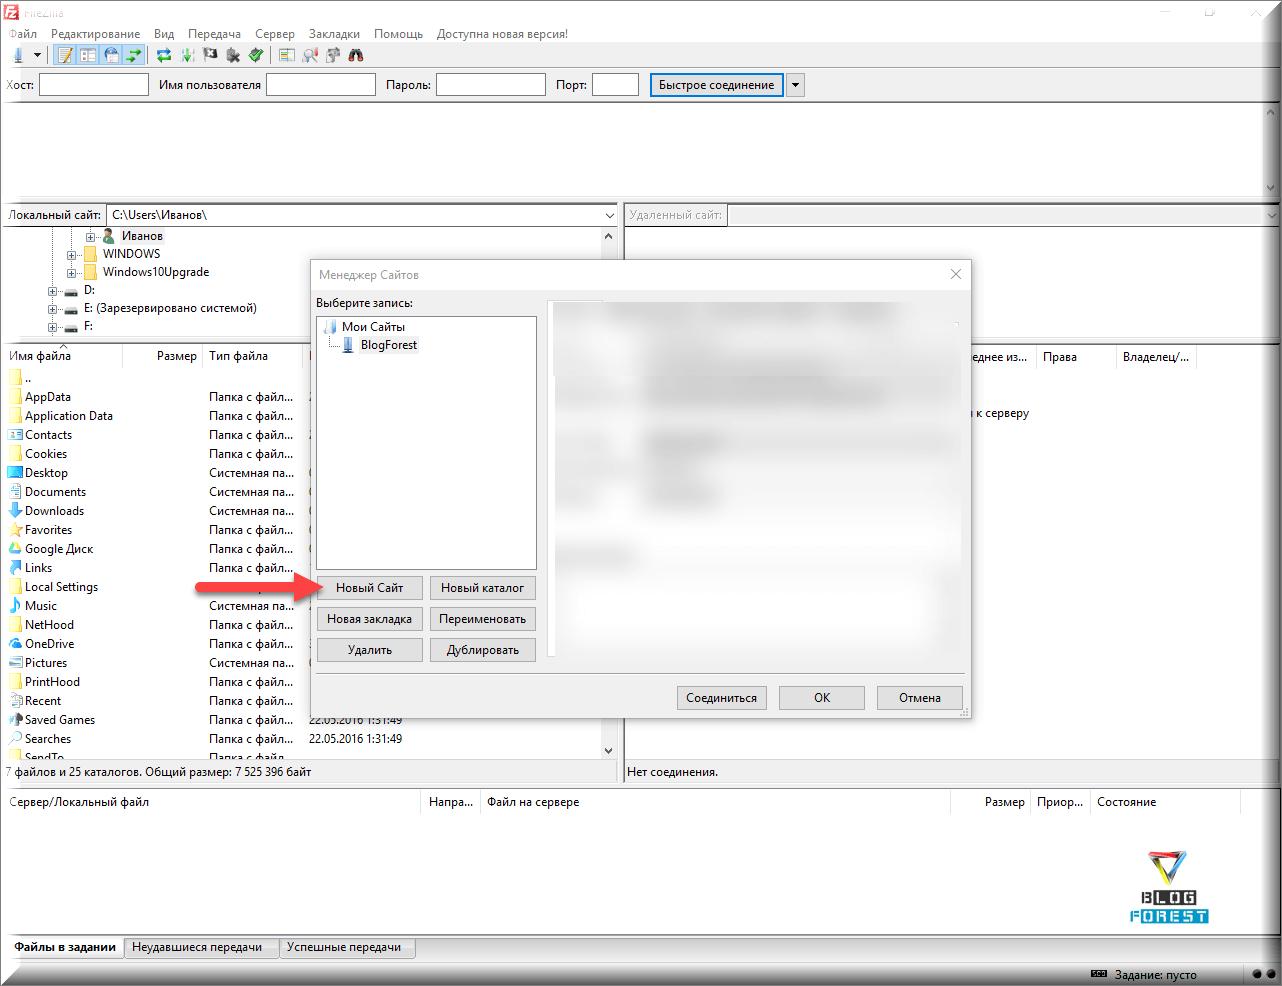 FileZilla создать новый сайт